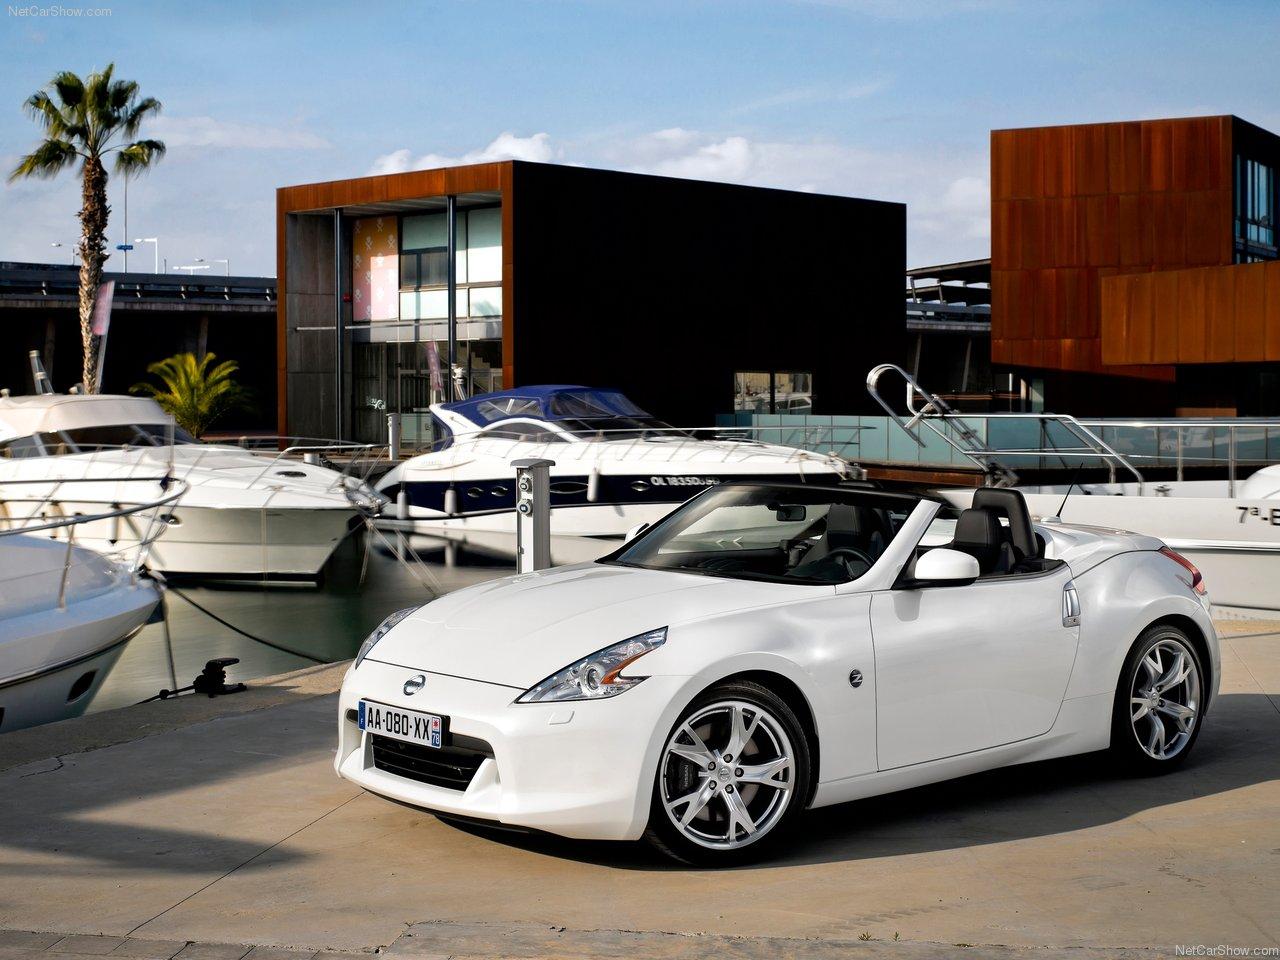 2011 nissan 370z roadster nissan cars. Black Bedroom Furniture Sets. Home Design Ideas